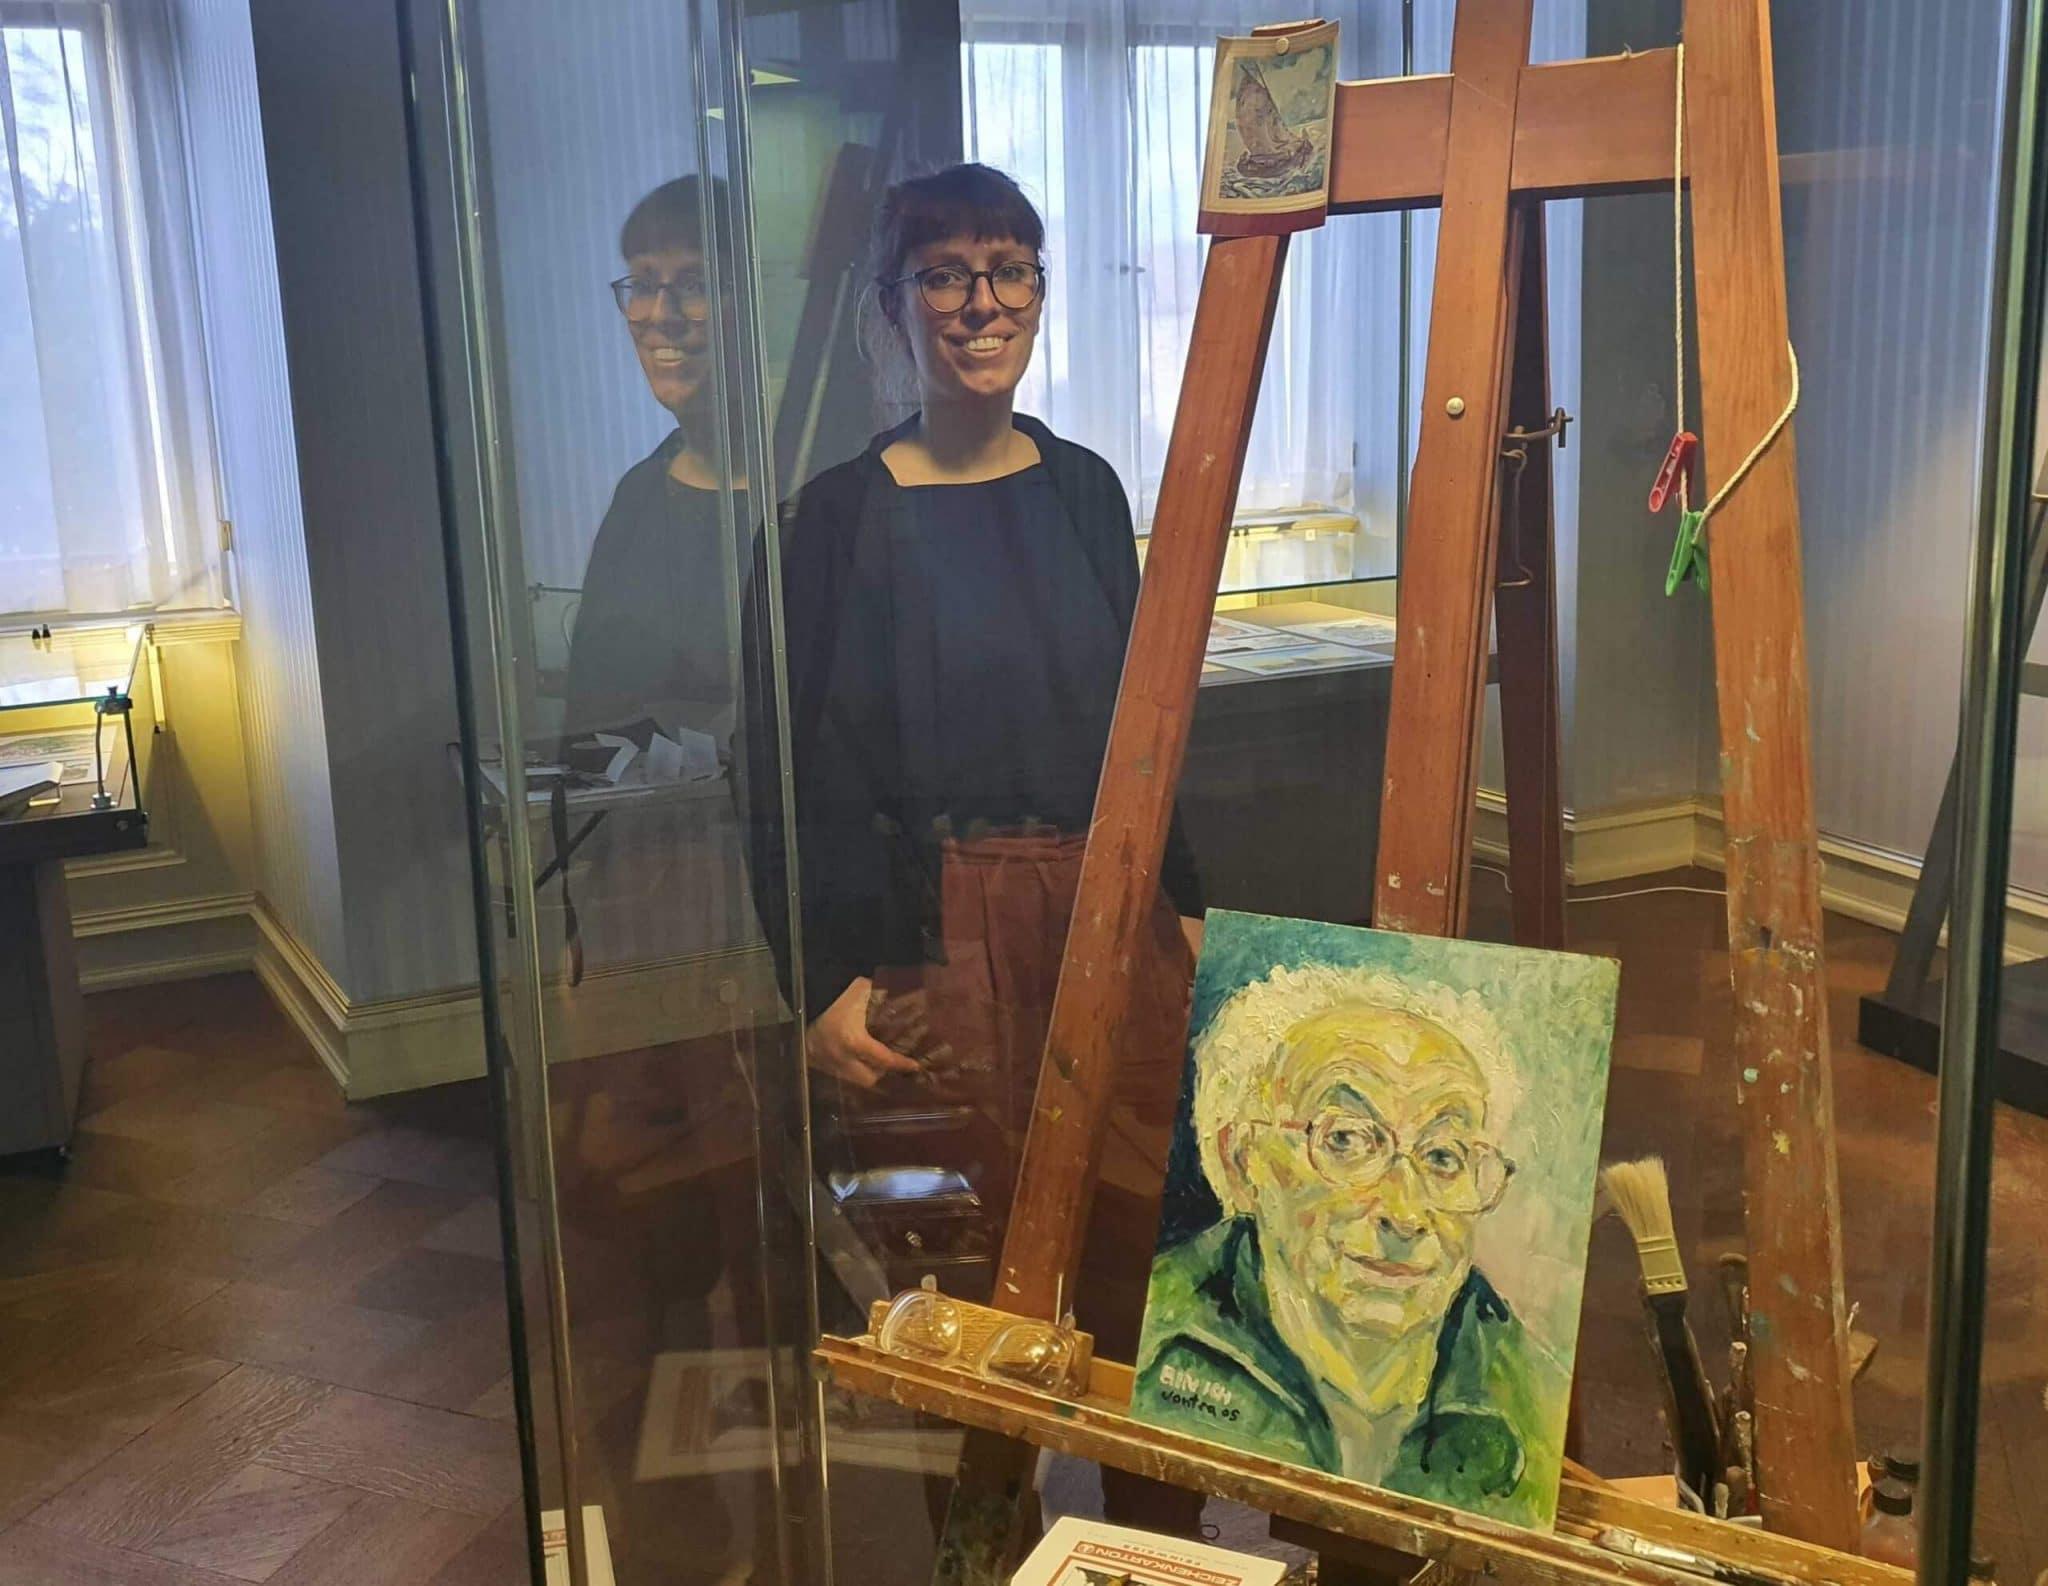 Kuratorin Anne Oswald mit dem gemalten Vontra, Foto: Maike Steuer